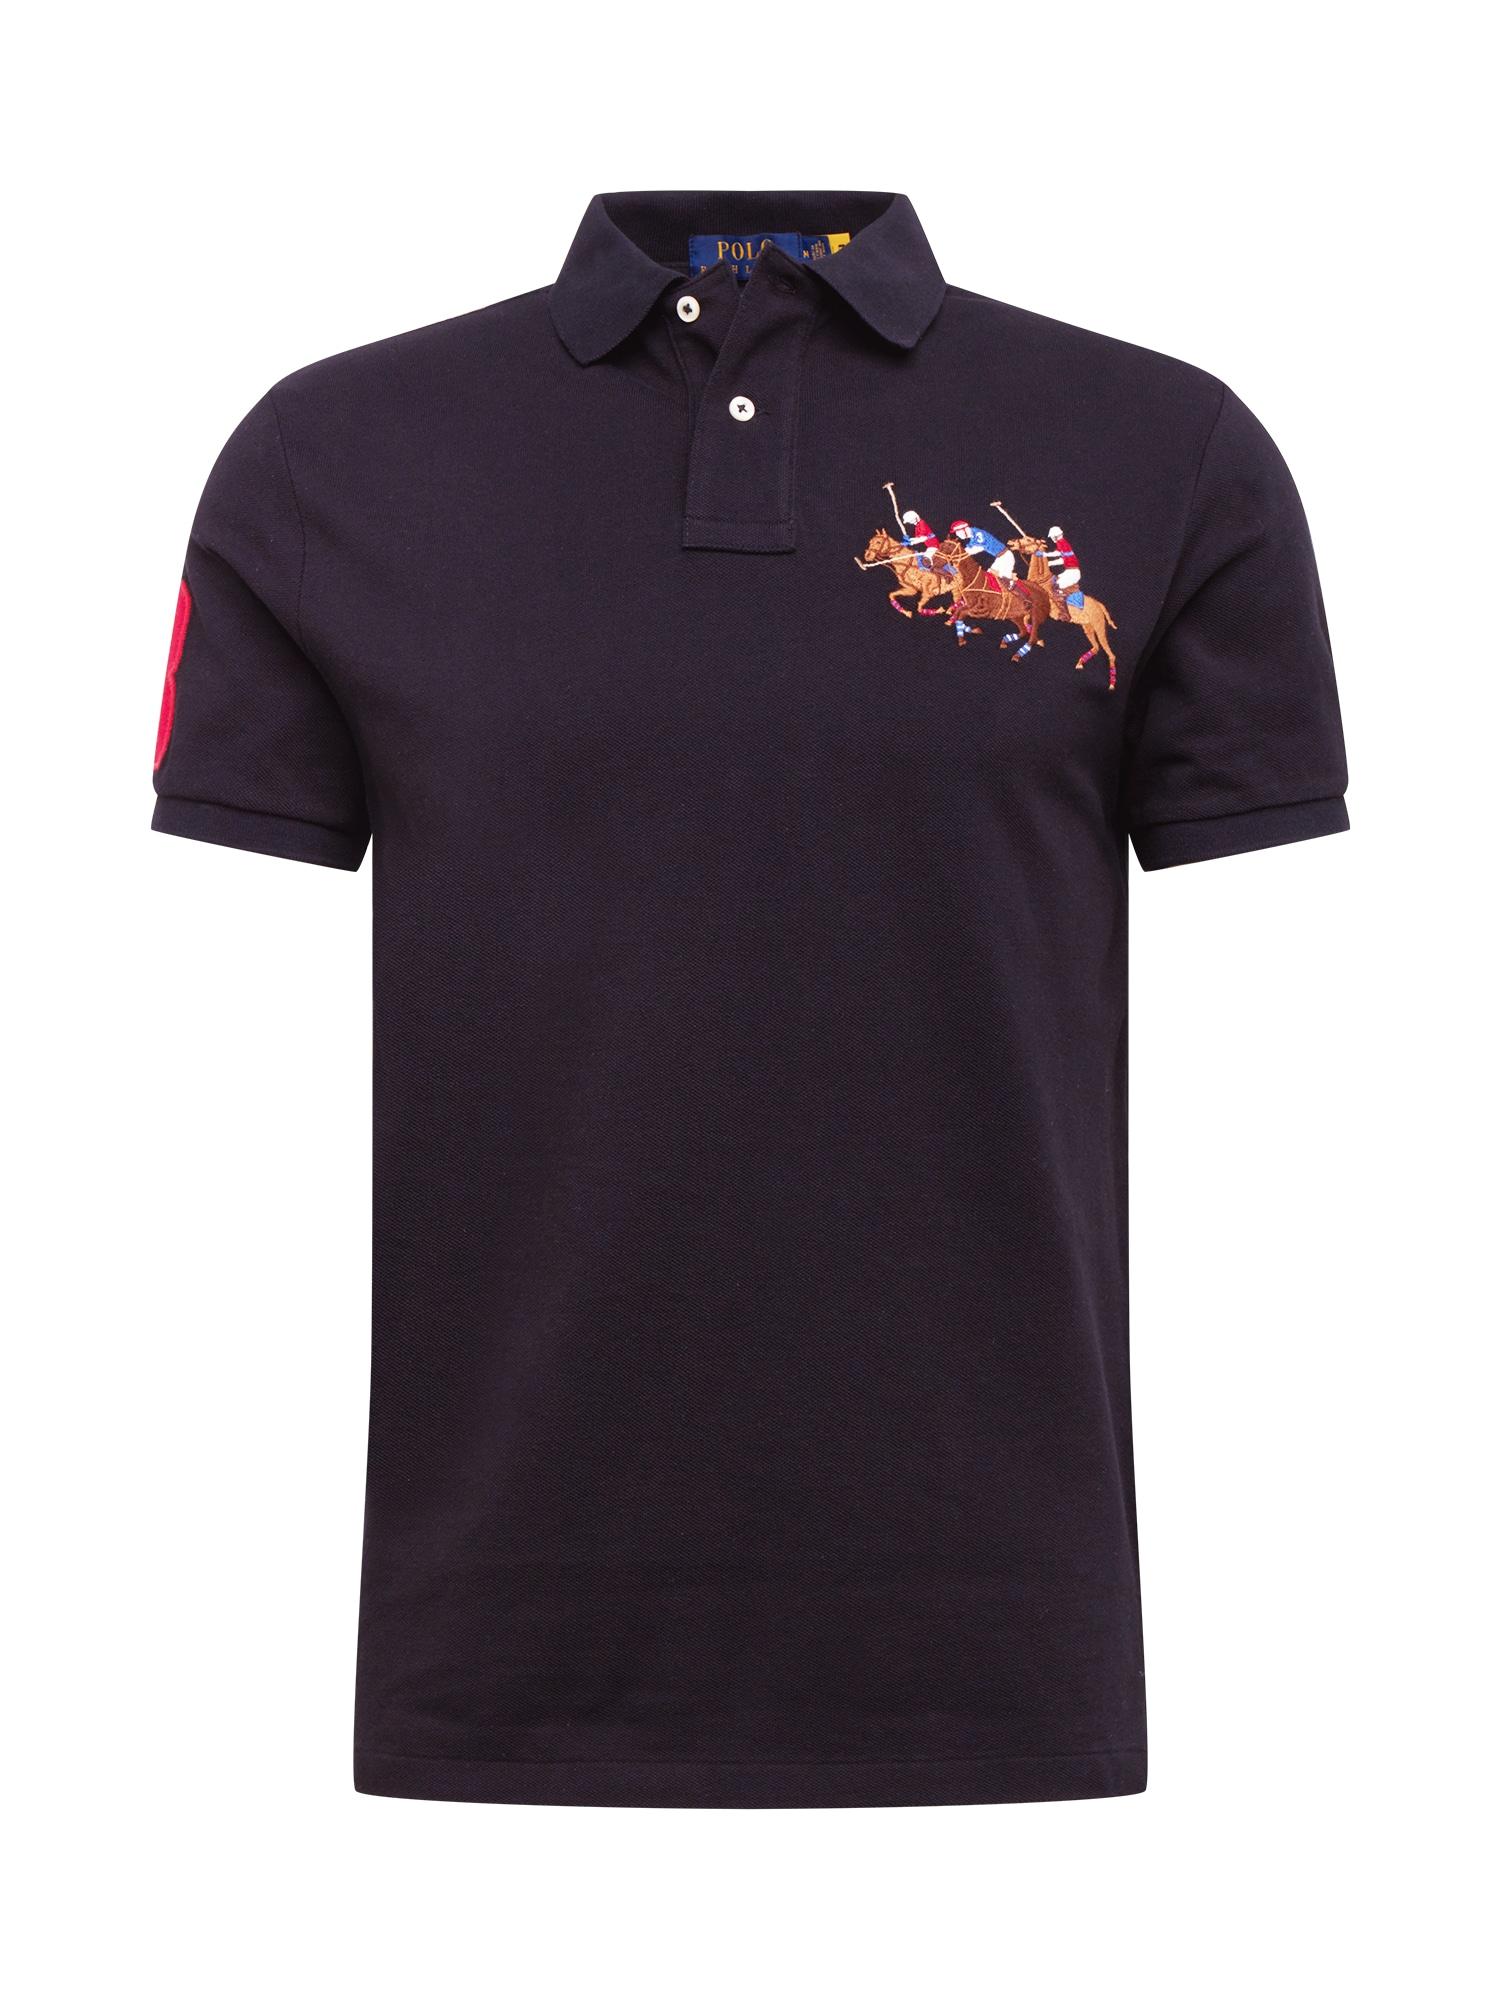 POLO RALPH LAUREN Marškinėliai juoda / mišrios spalvos